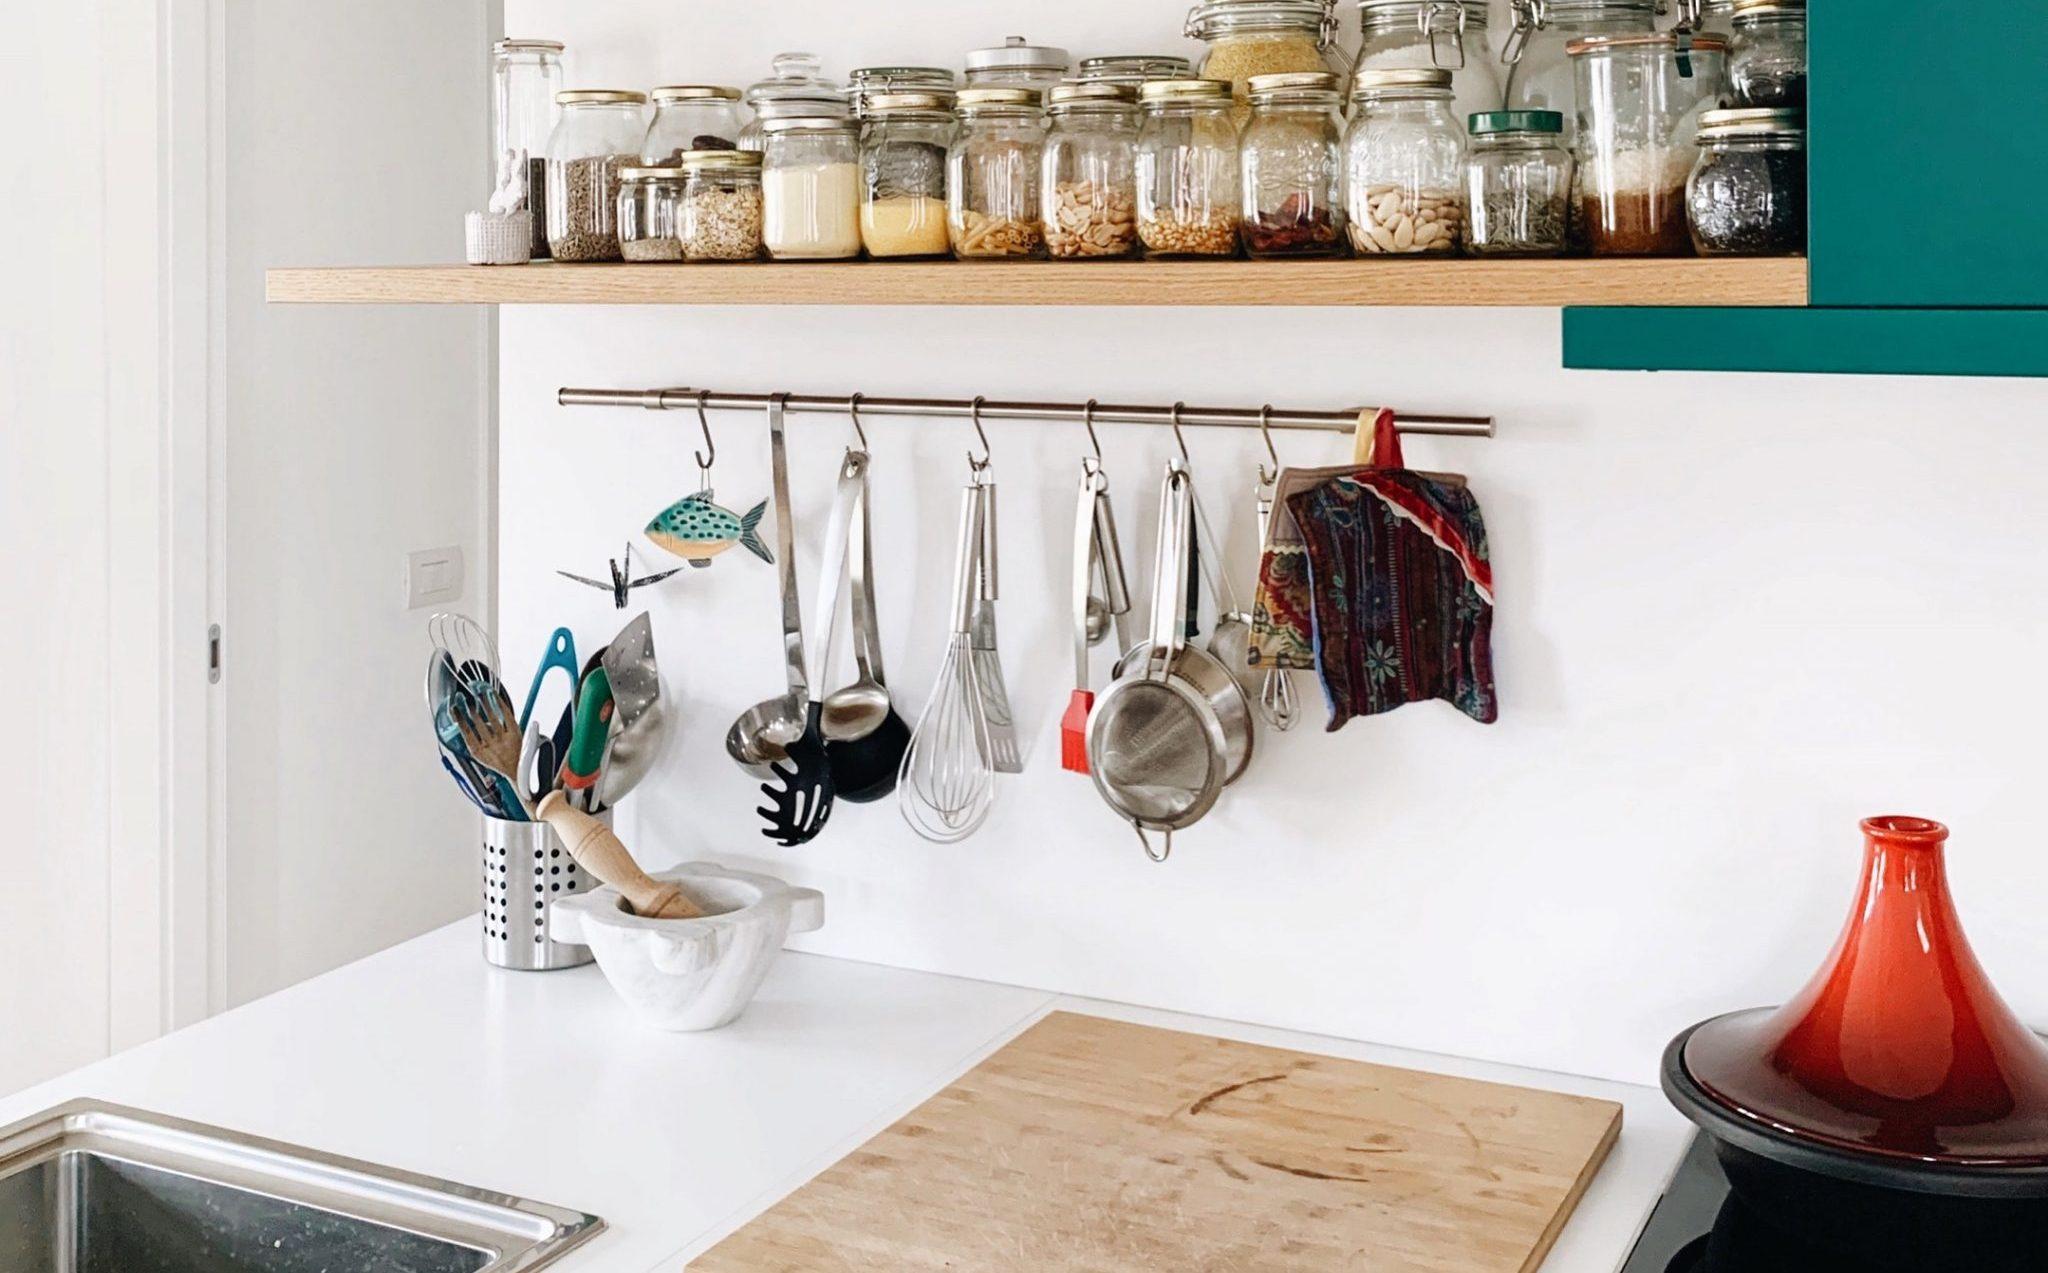 cucina organizzata